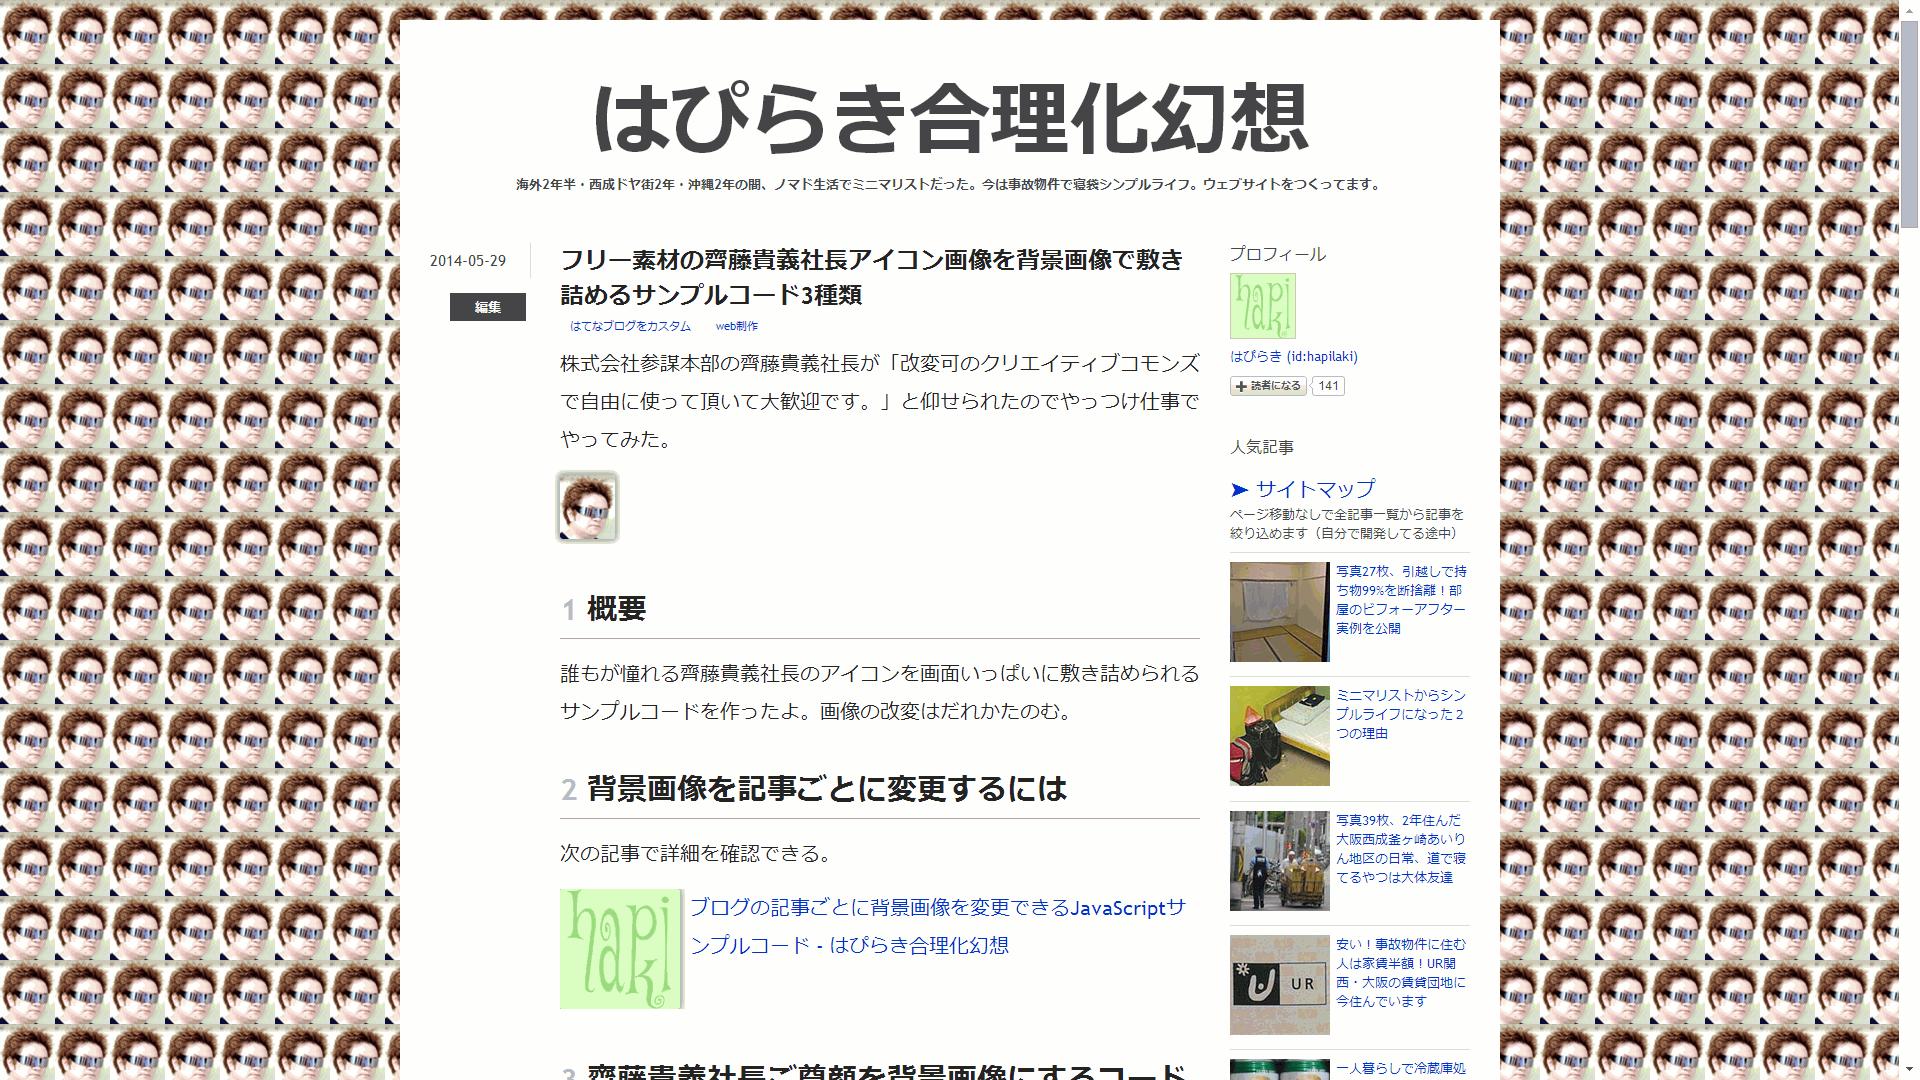 齊藤貴義社長を背景画像にしたページのキャプチャー画像